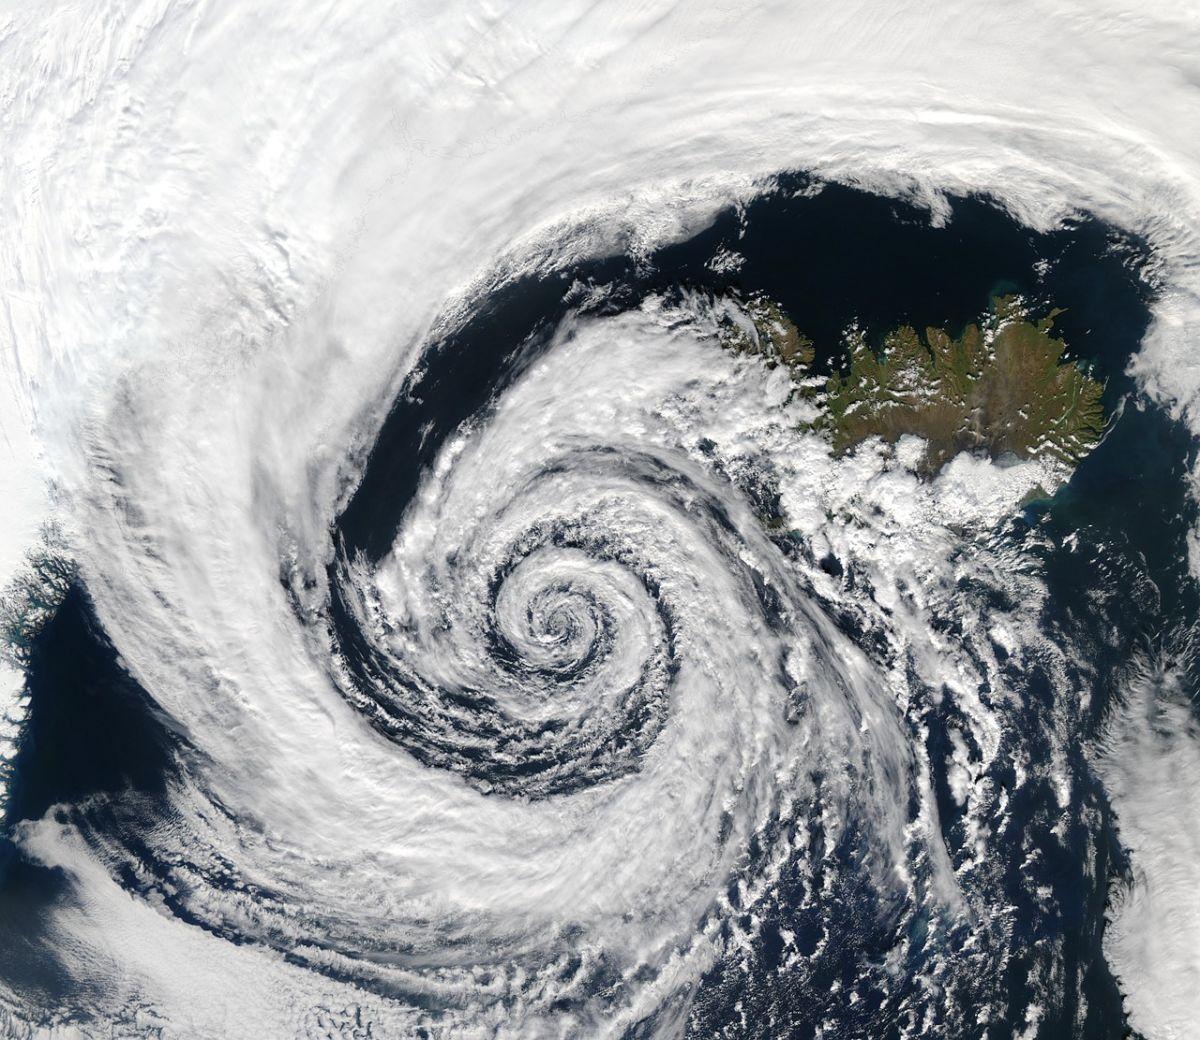 Ciclone mediterraneo in arrivo? Immagine di repertorio fonte Pixabay.